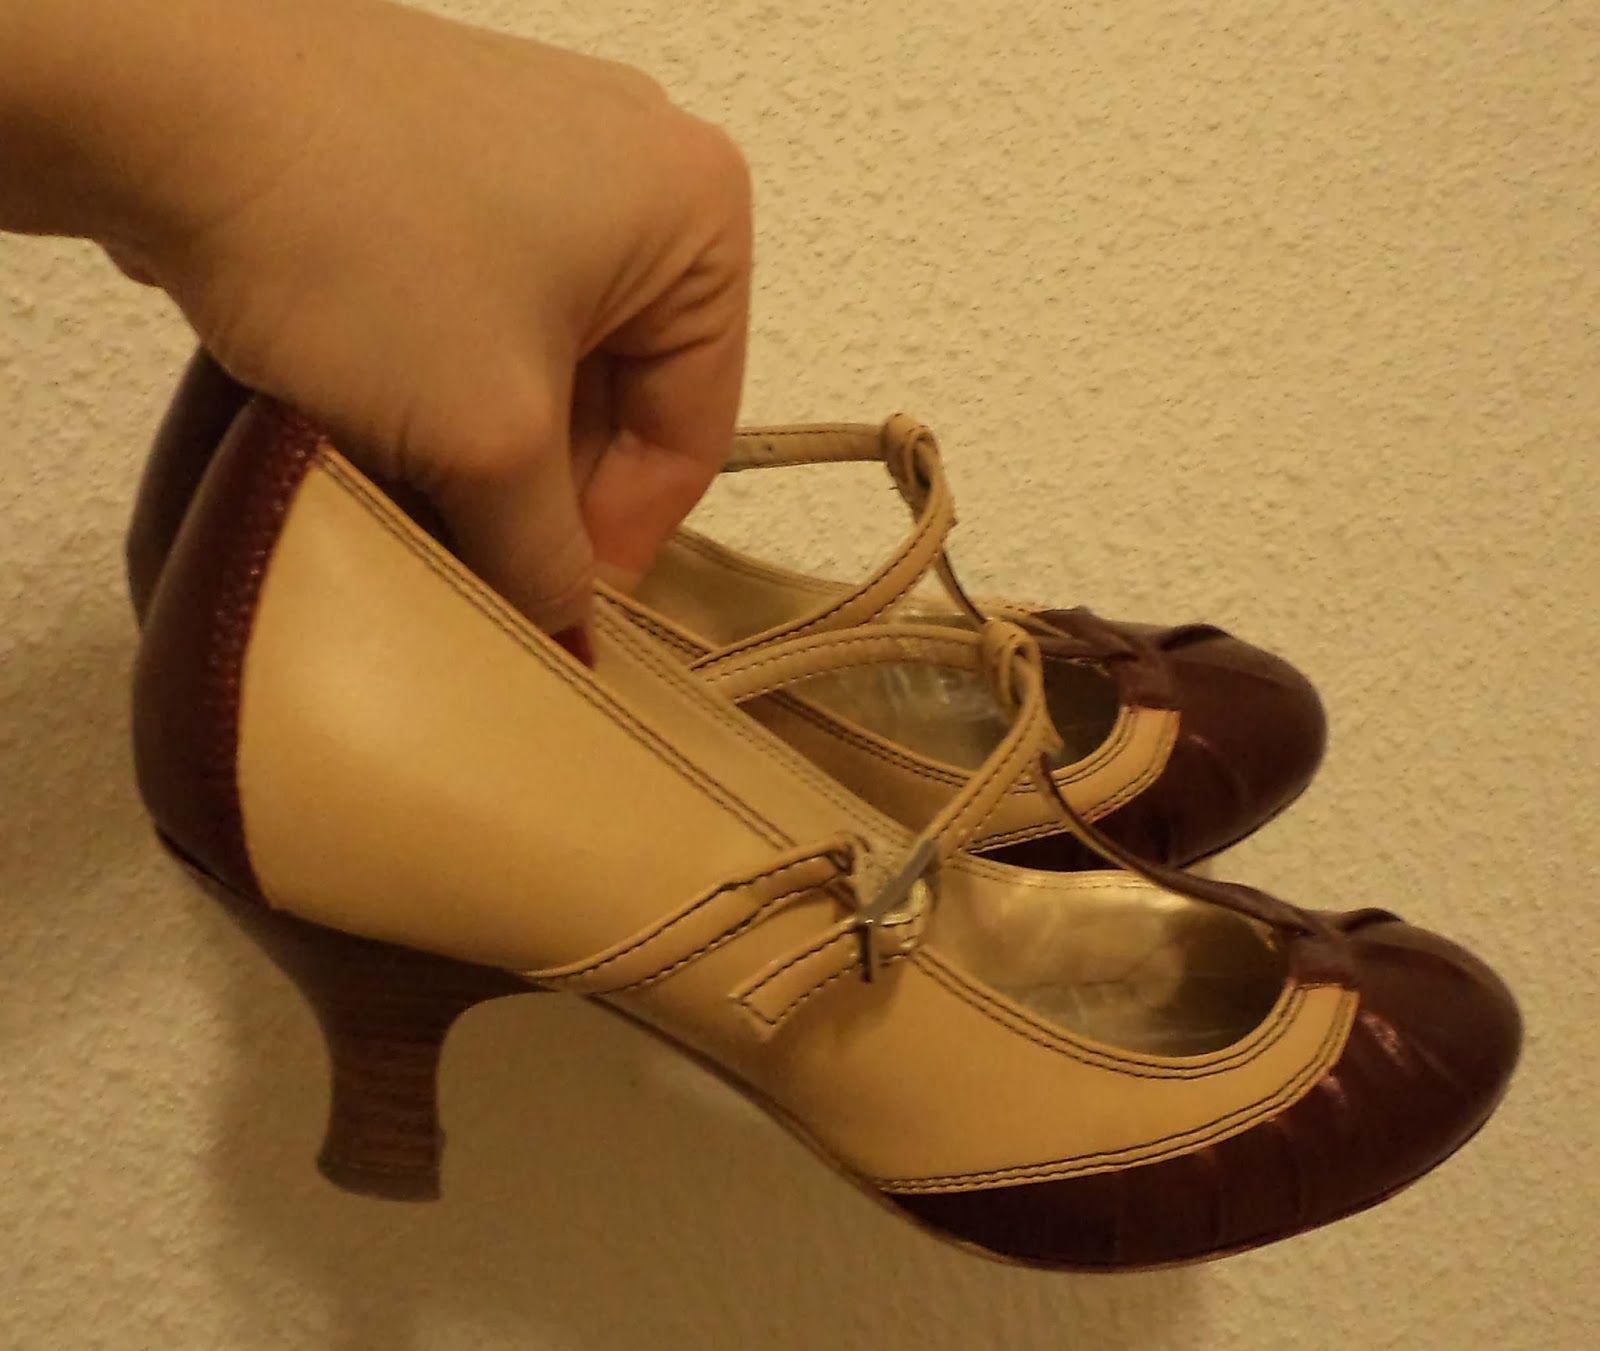 Kinga Wierzbicka Malowane Buty Czyli Jak Malowac Farbami Akrylowymi Na Butach Womens Oxfords Oxford Shoes Shoes